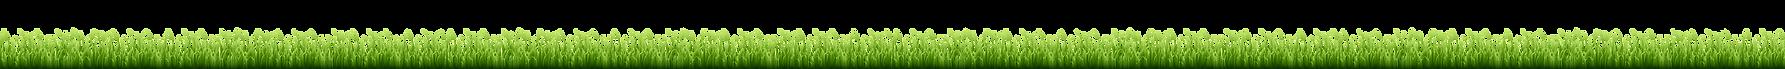 grass-tall-2.png